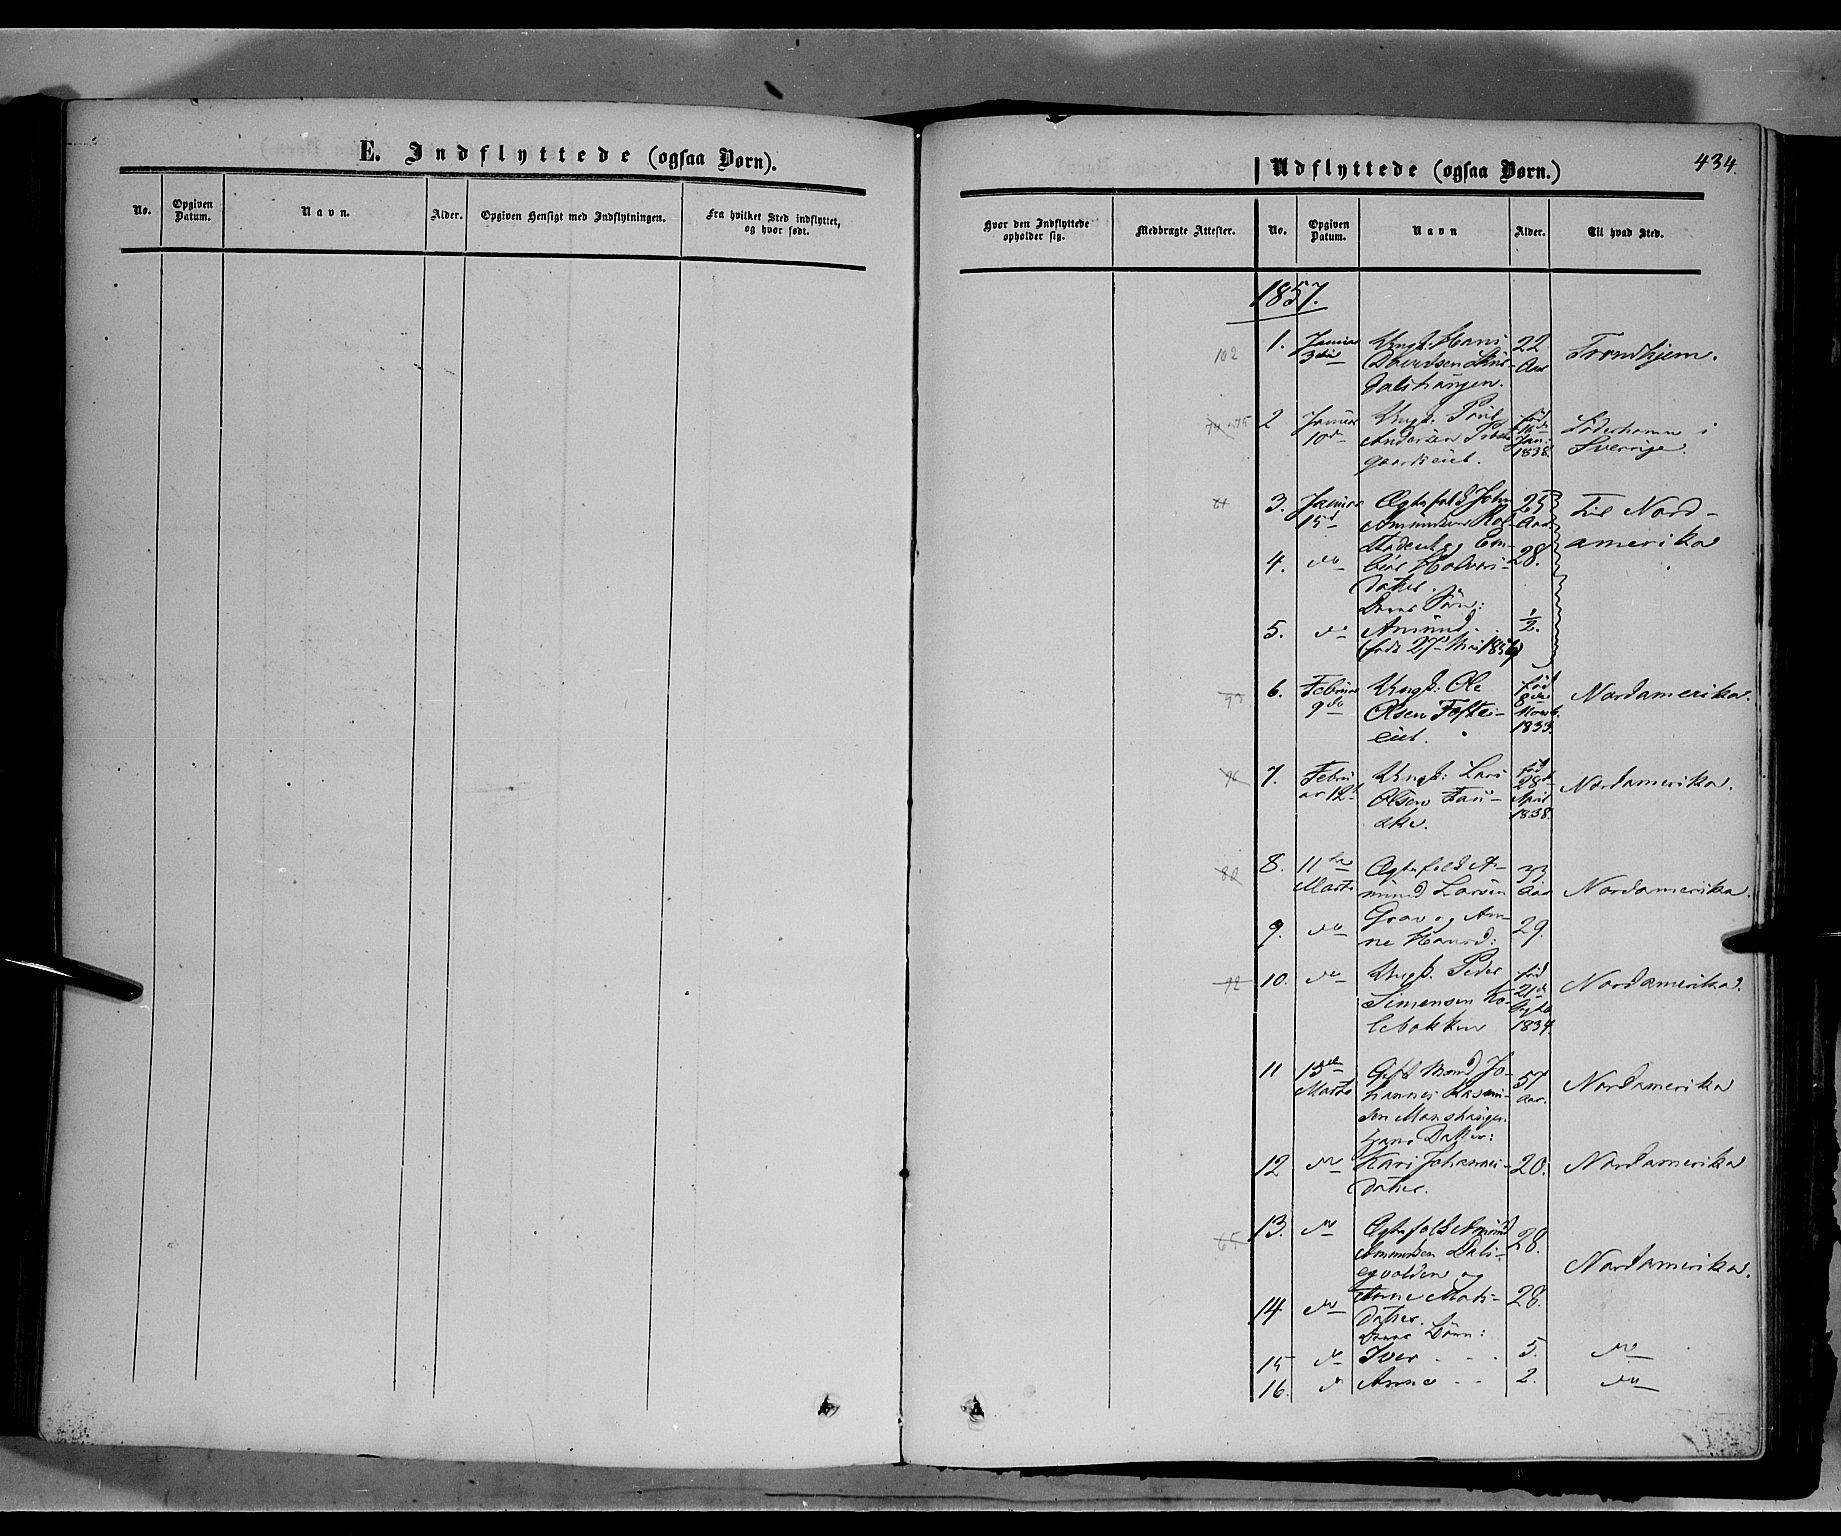 SAH, Sør-Fron prestekontor, H/Ha/Haa/L0001: Ministerialbok nr. 1, 1849-1863, s. 434